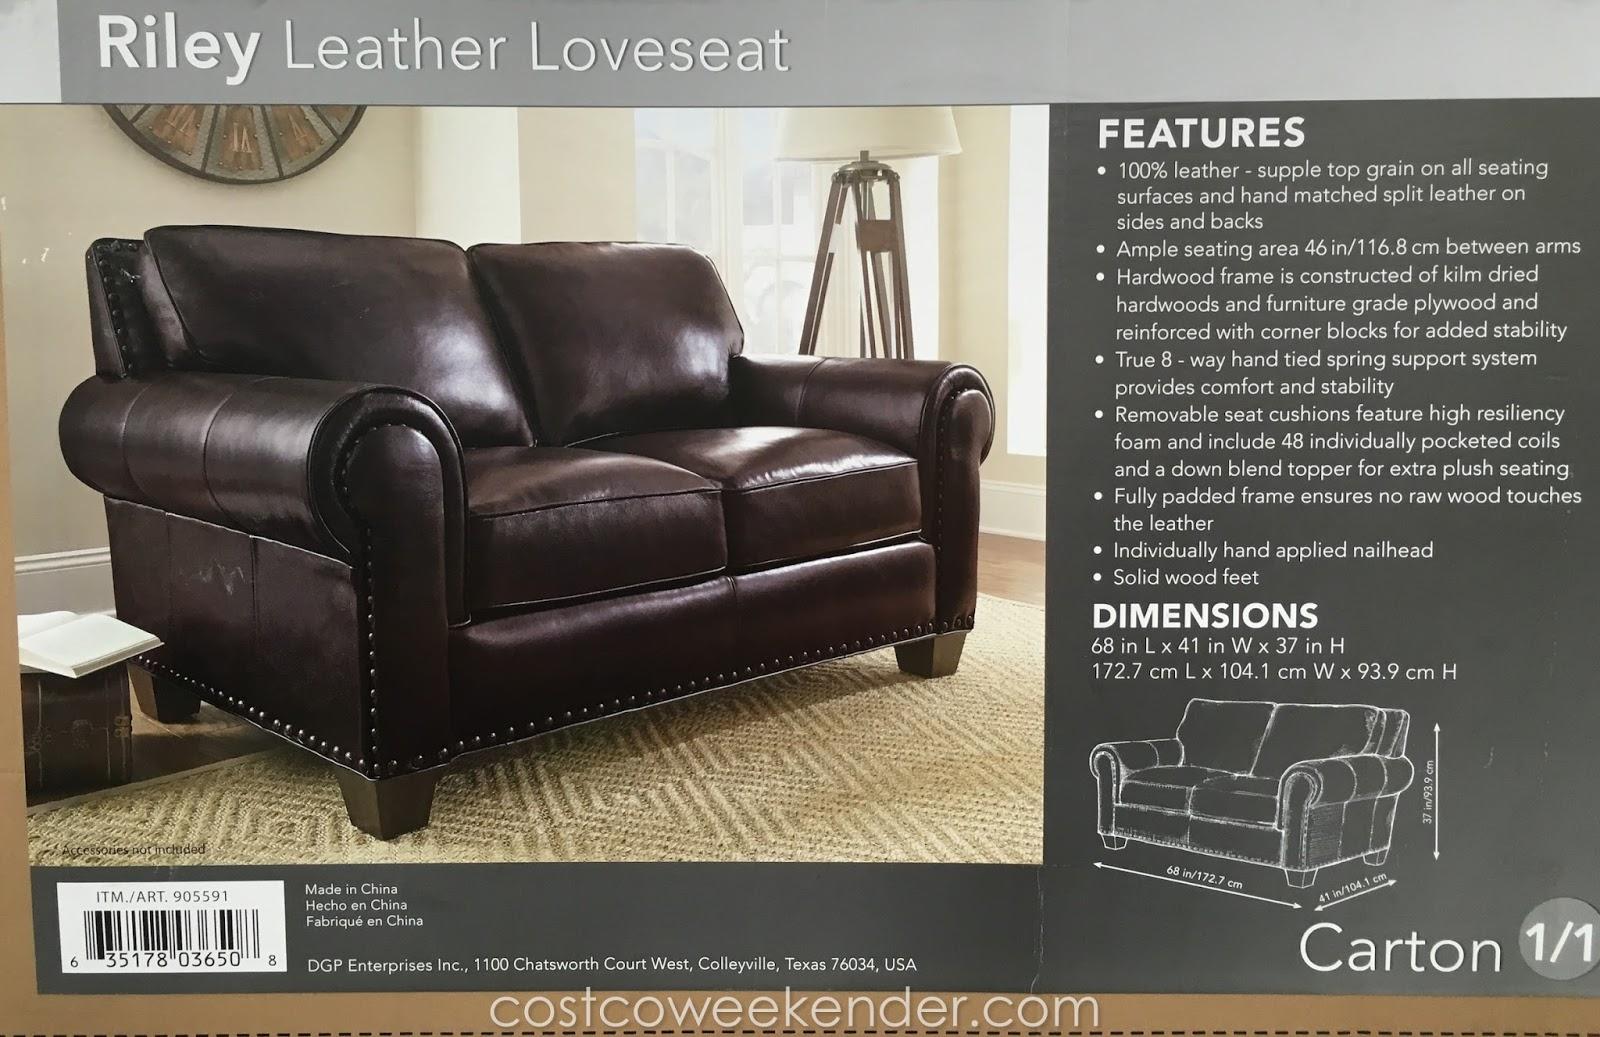 Adalyn Home Riley Leather Loveseat Costco Weekender